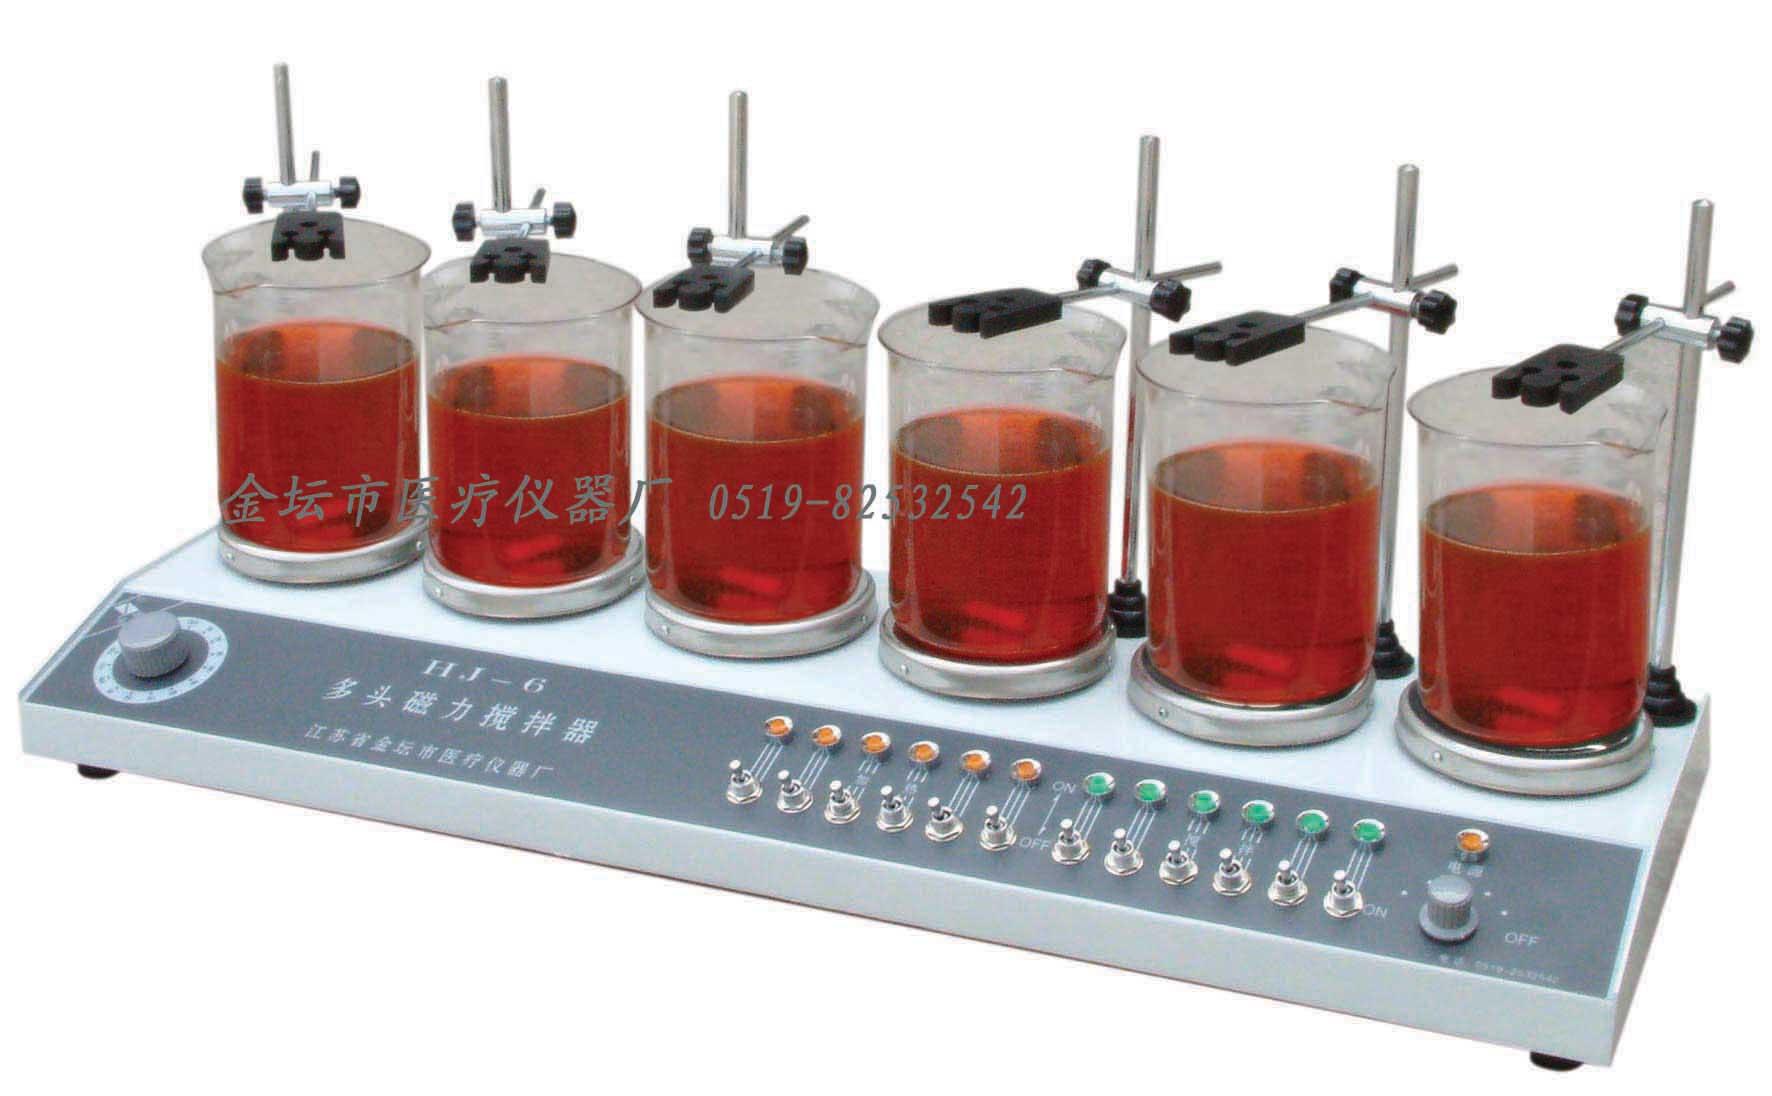 江苏金坛HJ-6多头磁力搅拌器